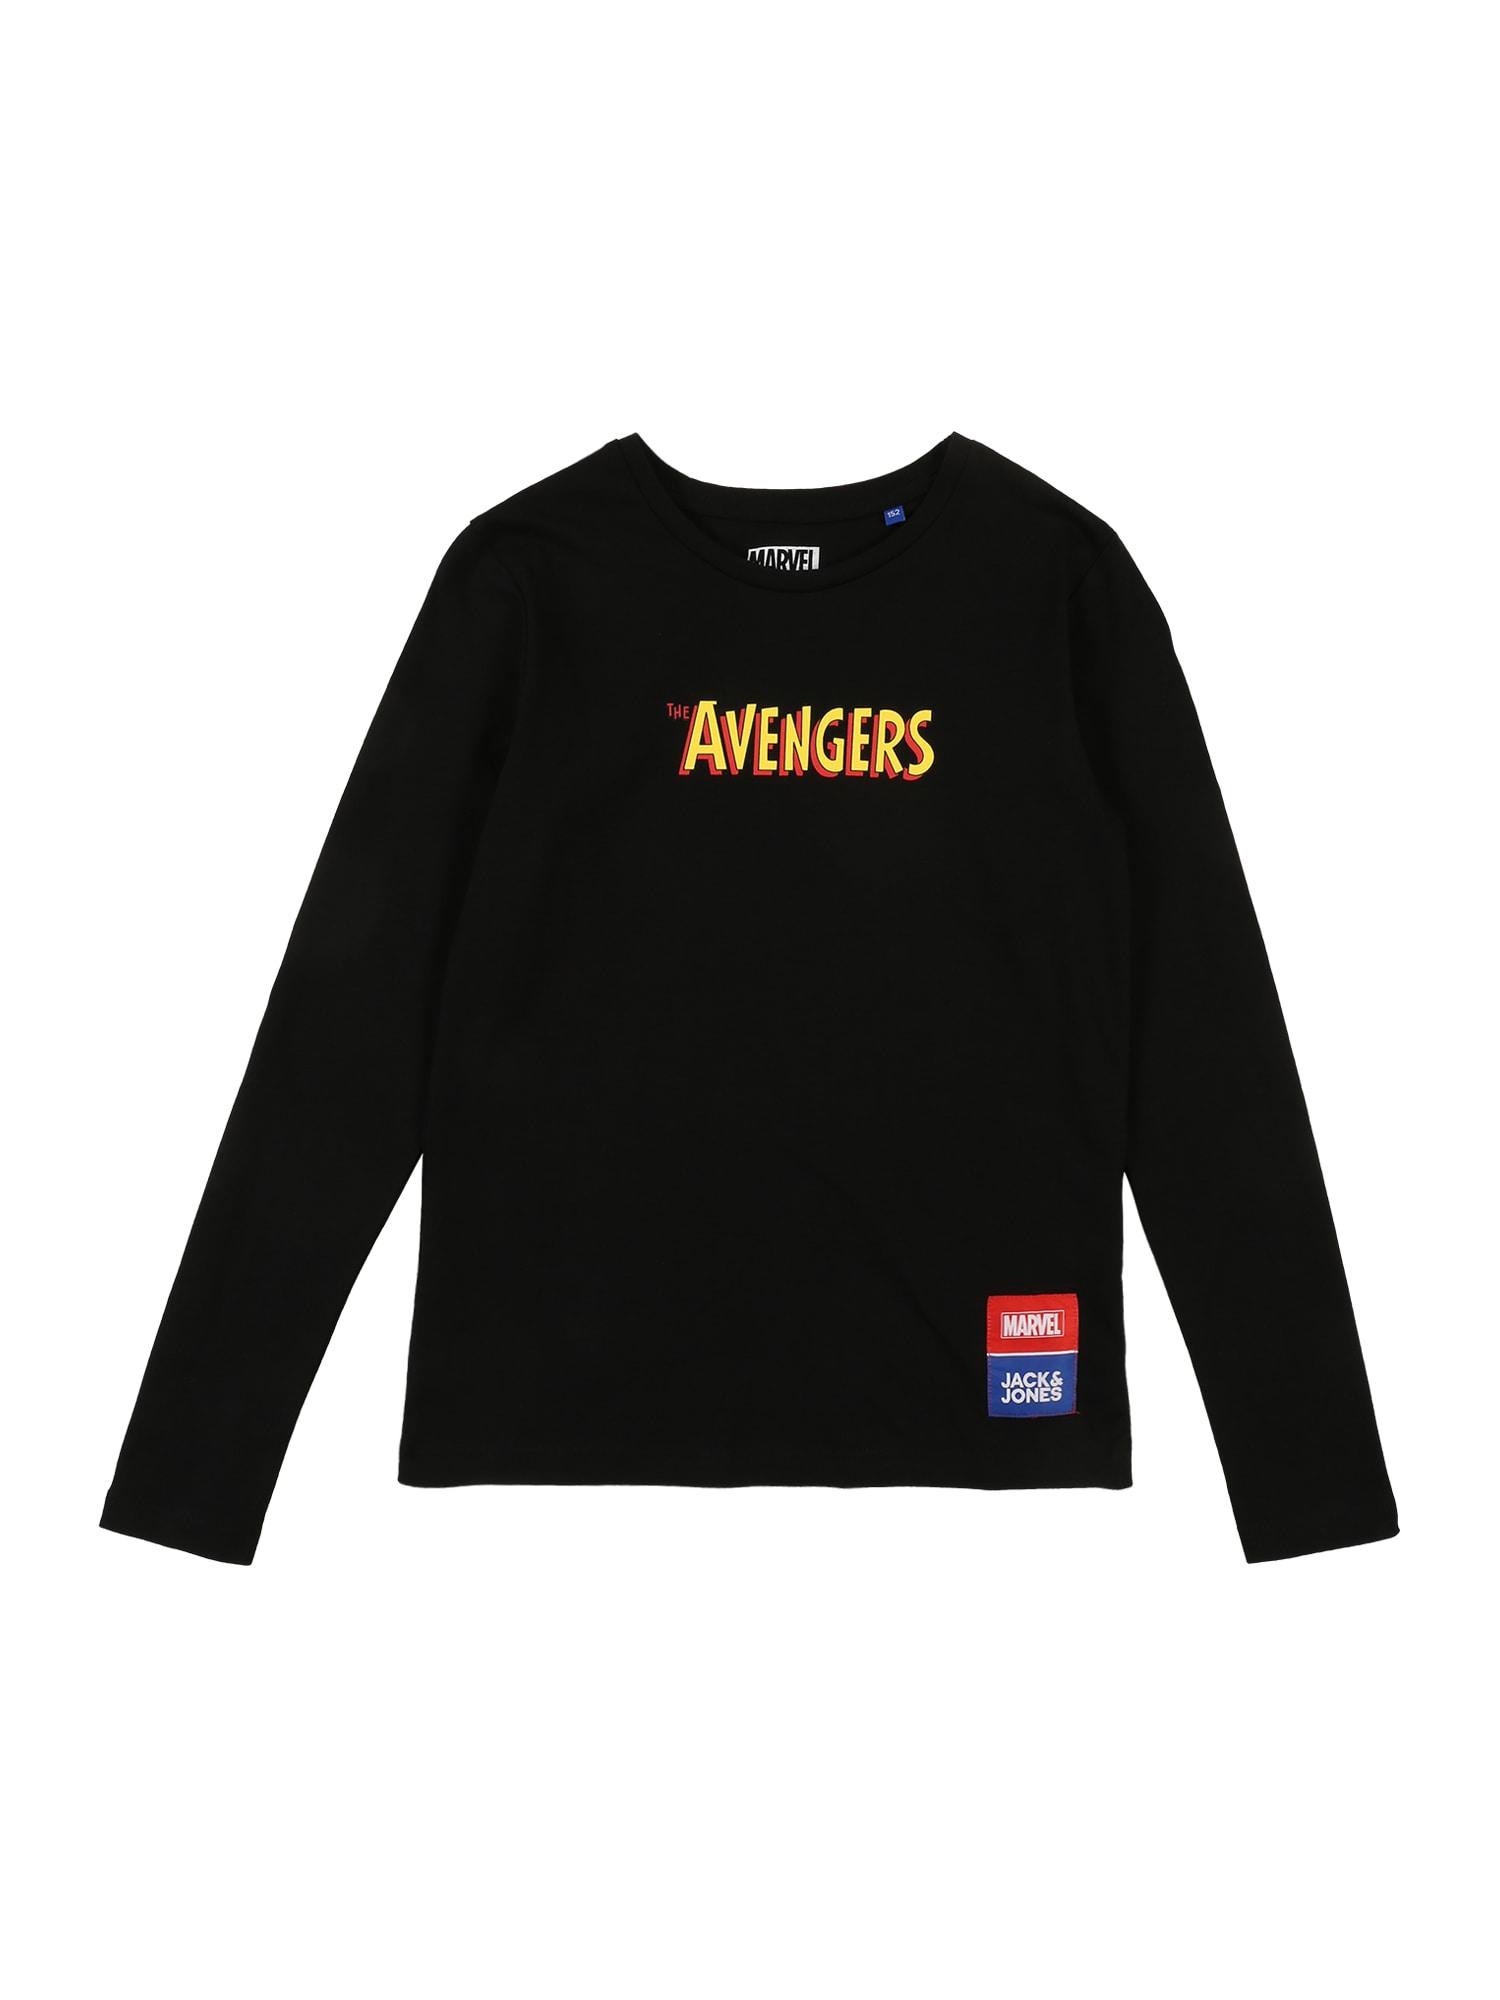 Jack & Jones Junior Marškinėliai 'Avengers' nakties mėlyna